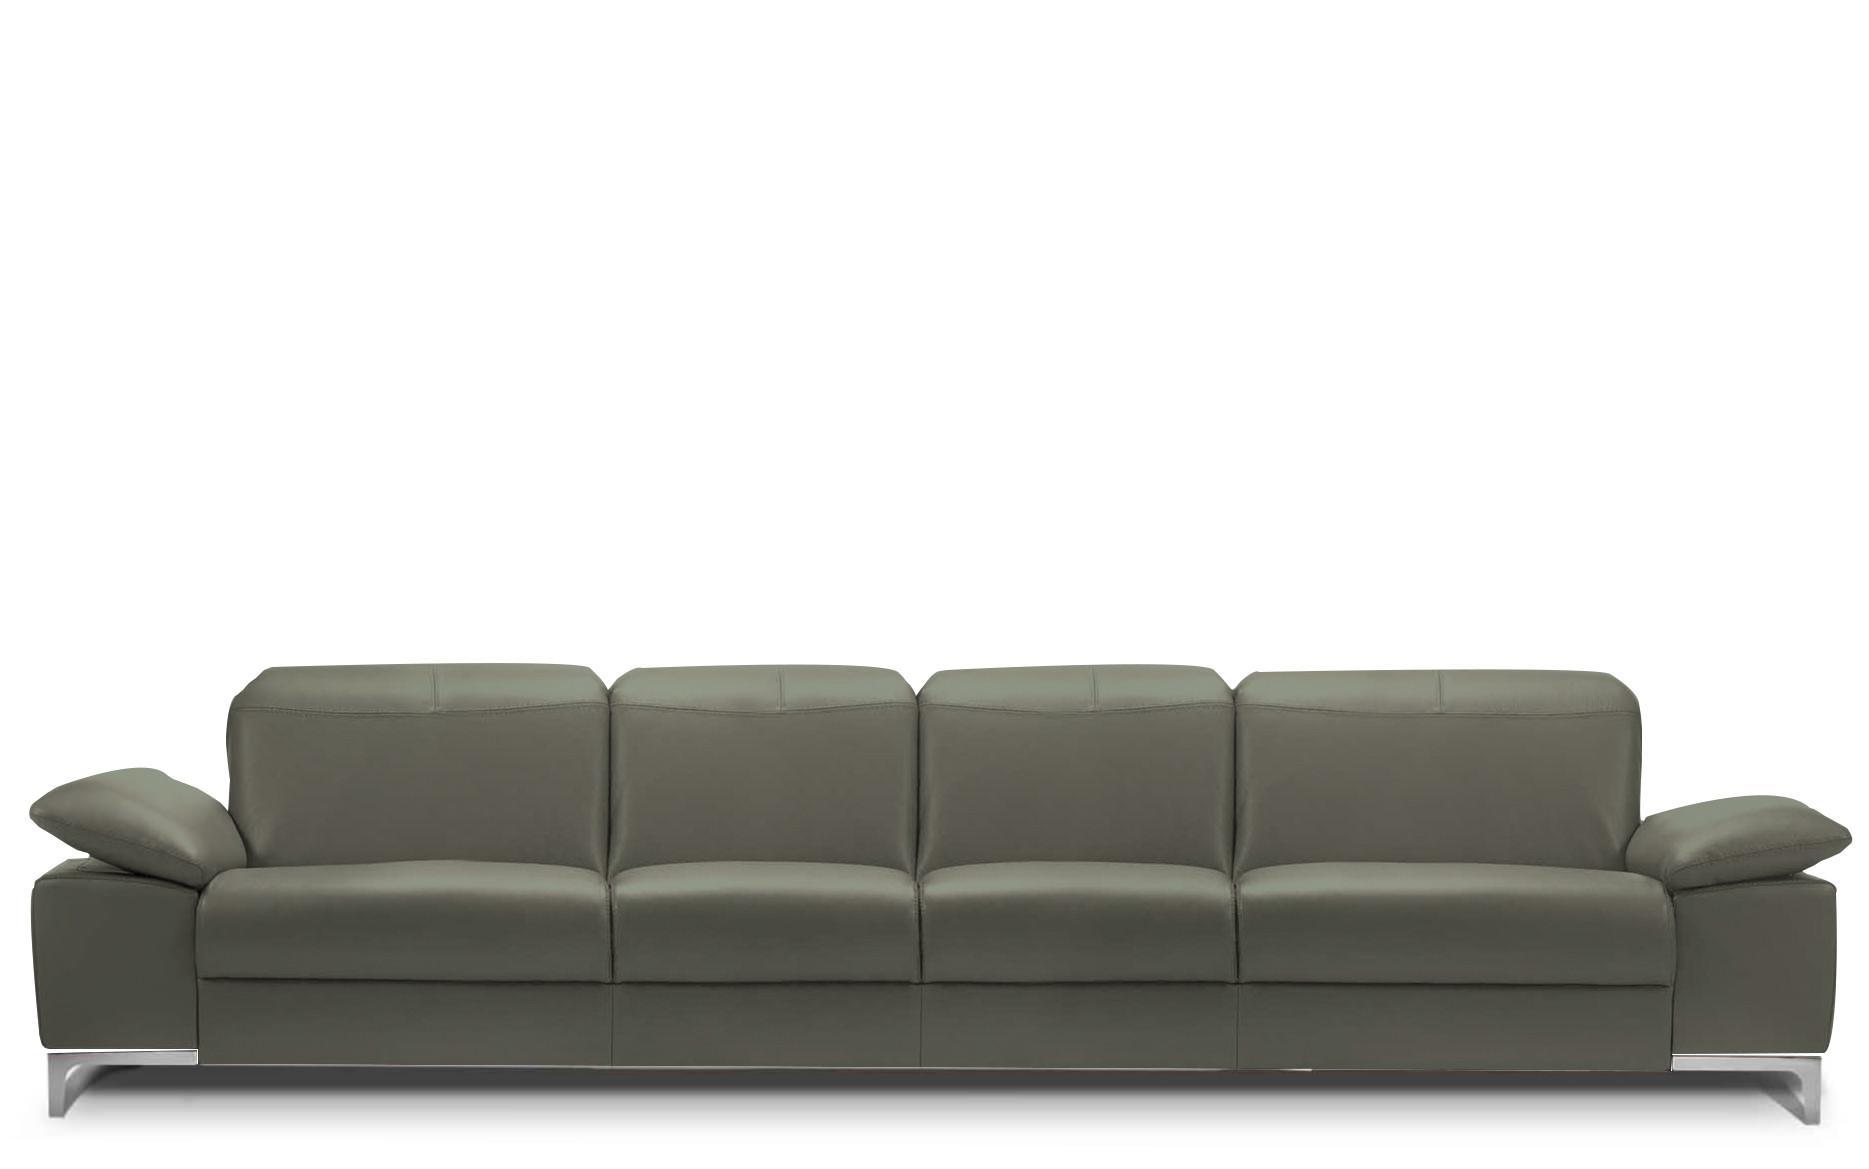 Rom Chronos 4 Seater Leather Sofa | Buy At Kontenta Throughout Four Seat Sofas (Image 20 of 20)